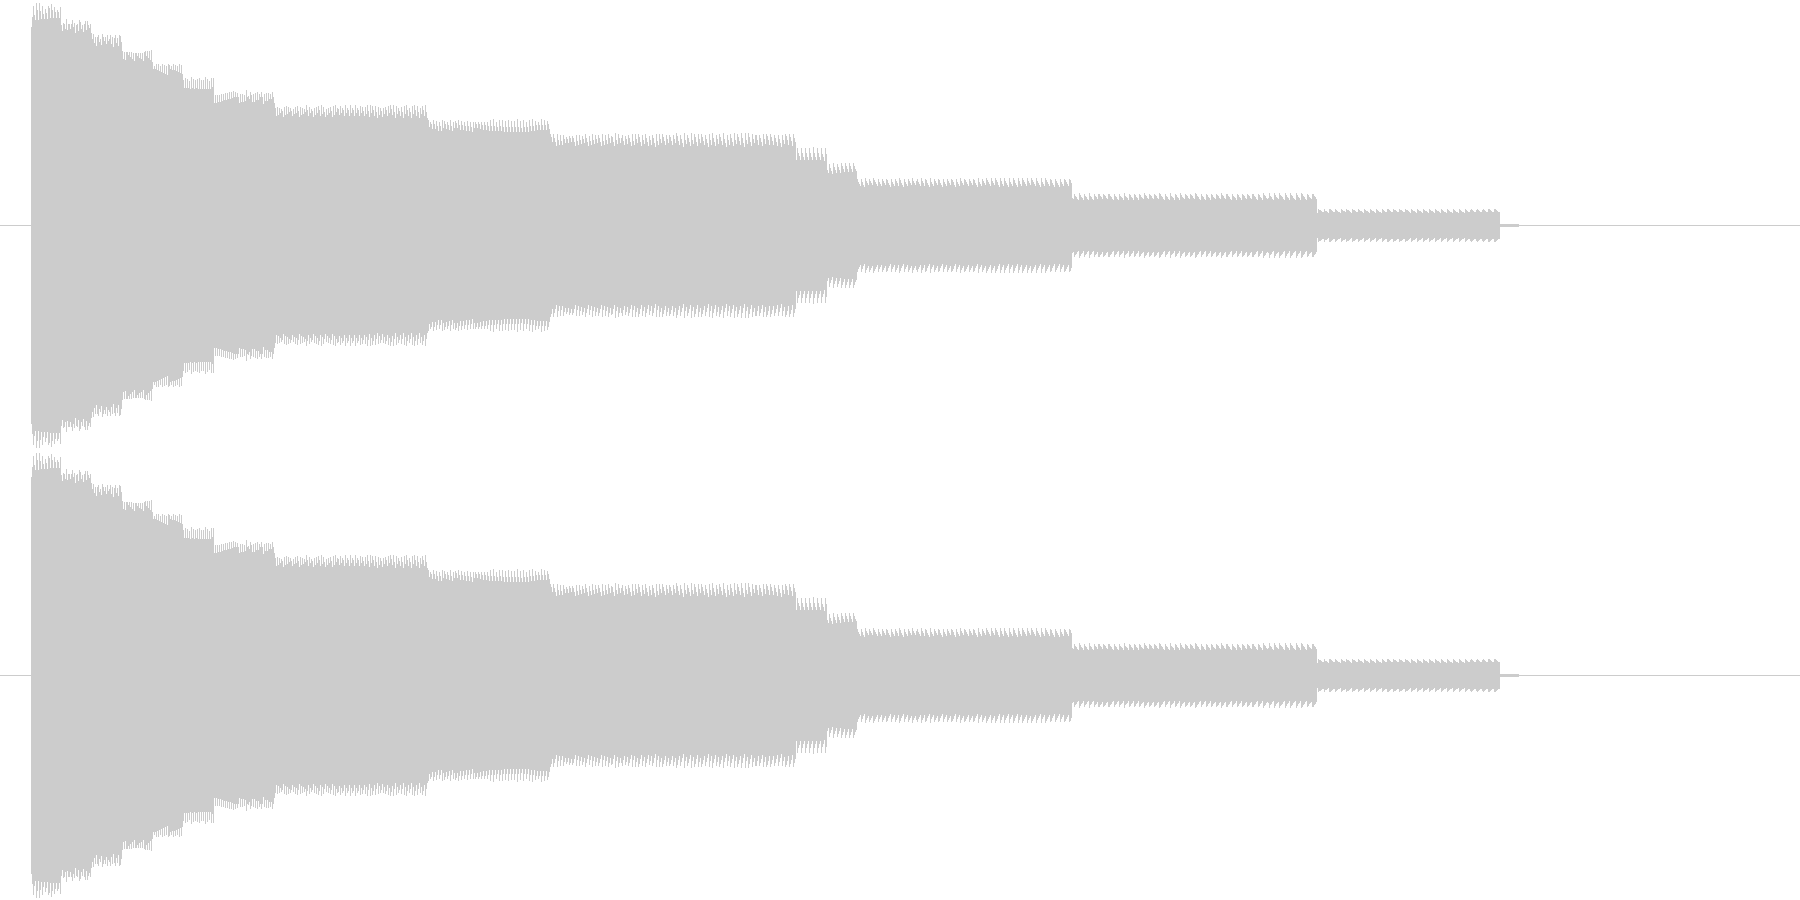 8bit落下音の未再生の波形